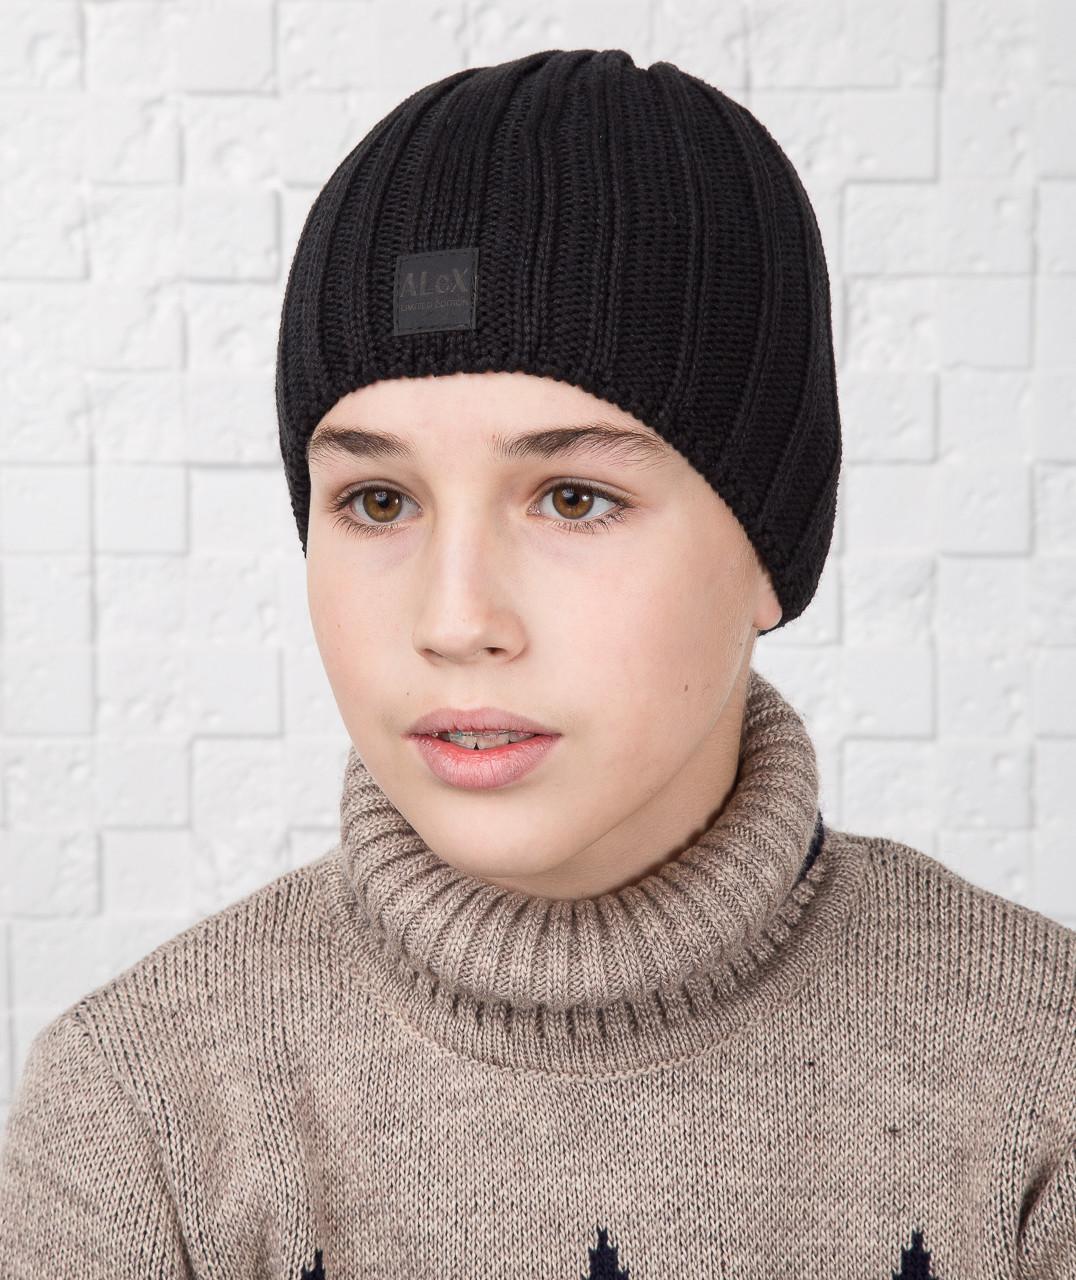 Зимняя вязаная шапка для мальчика подростка на флисе - Артикул AL17042